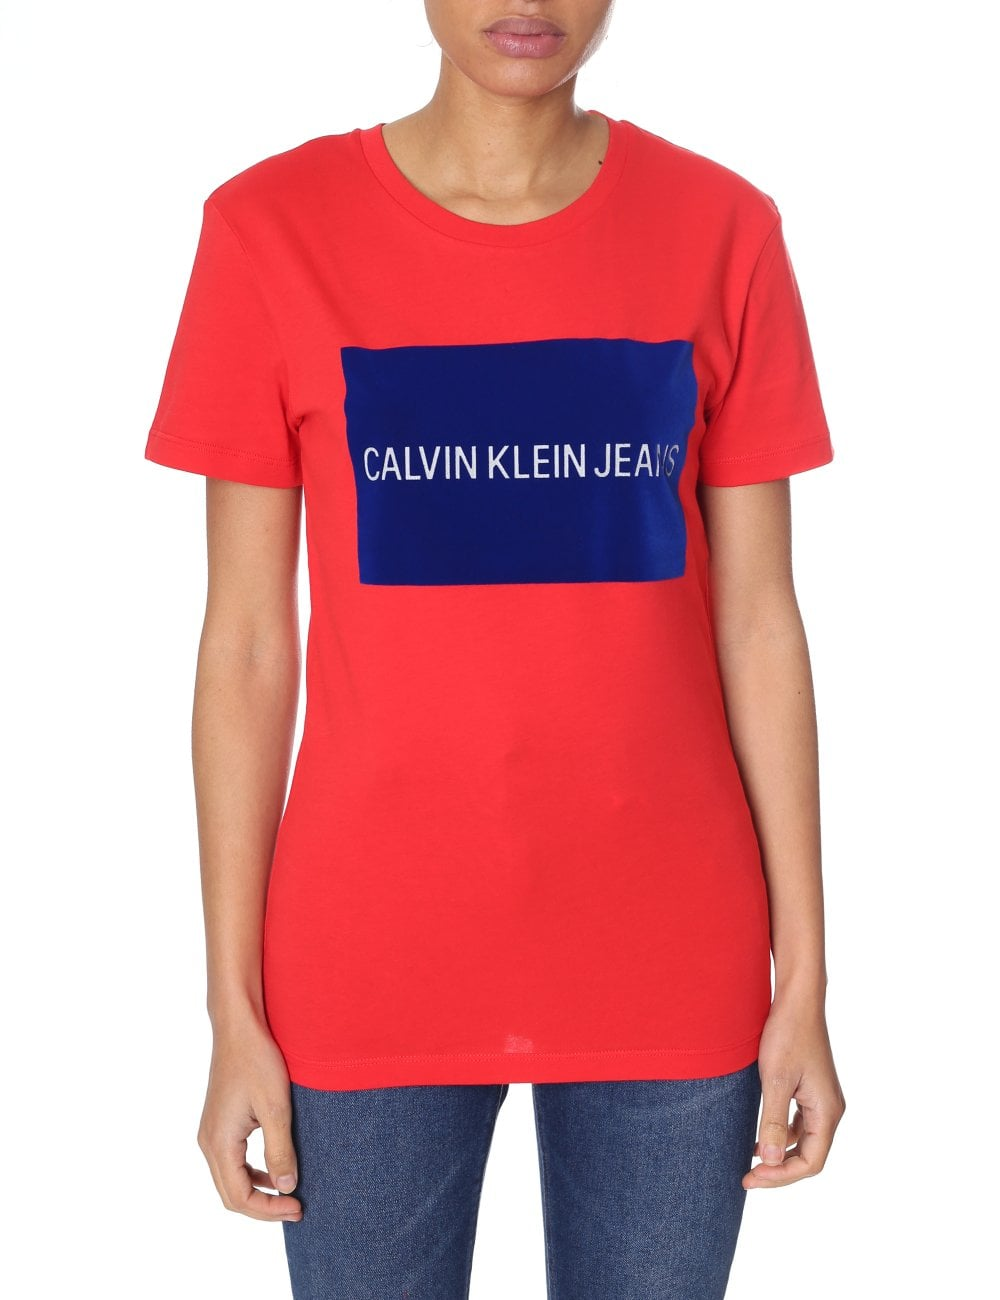 52ac5969d525 Calvin Klein Women's Box Logo Regular Fit Tee